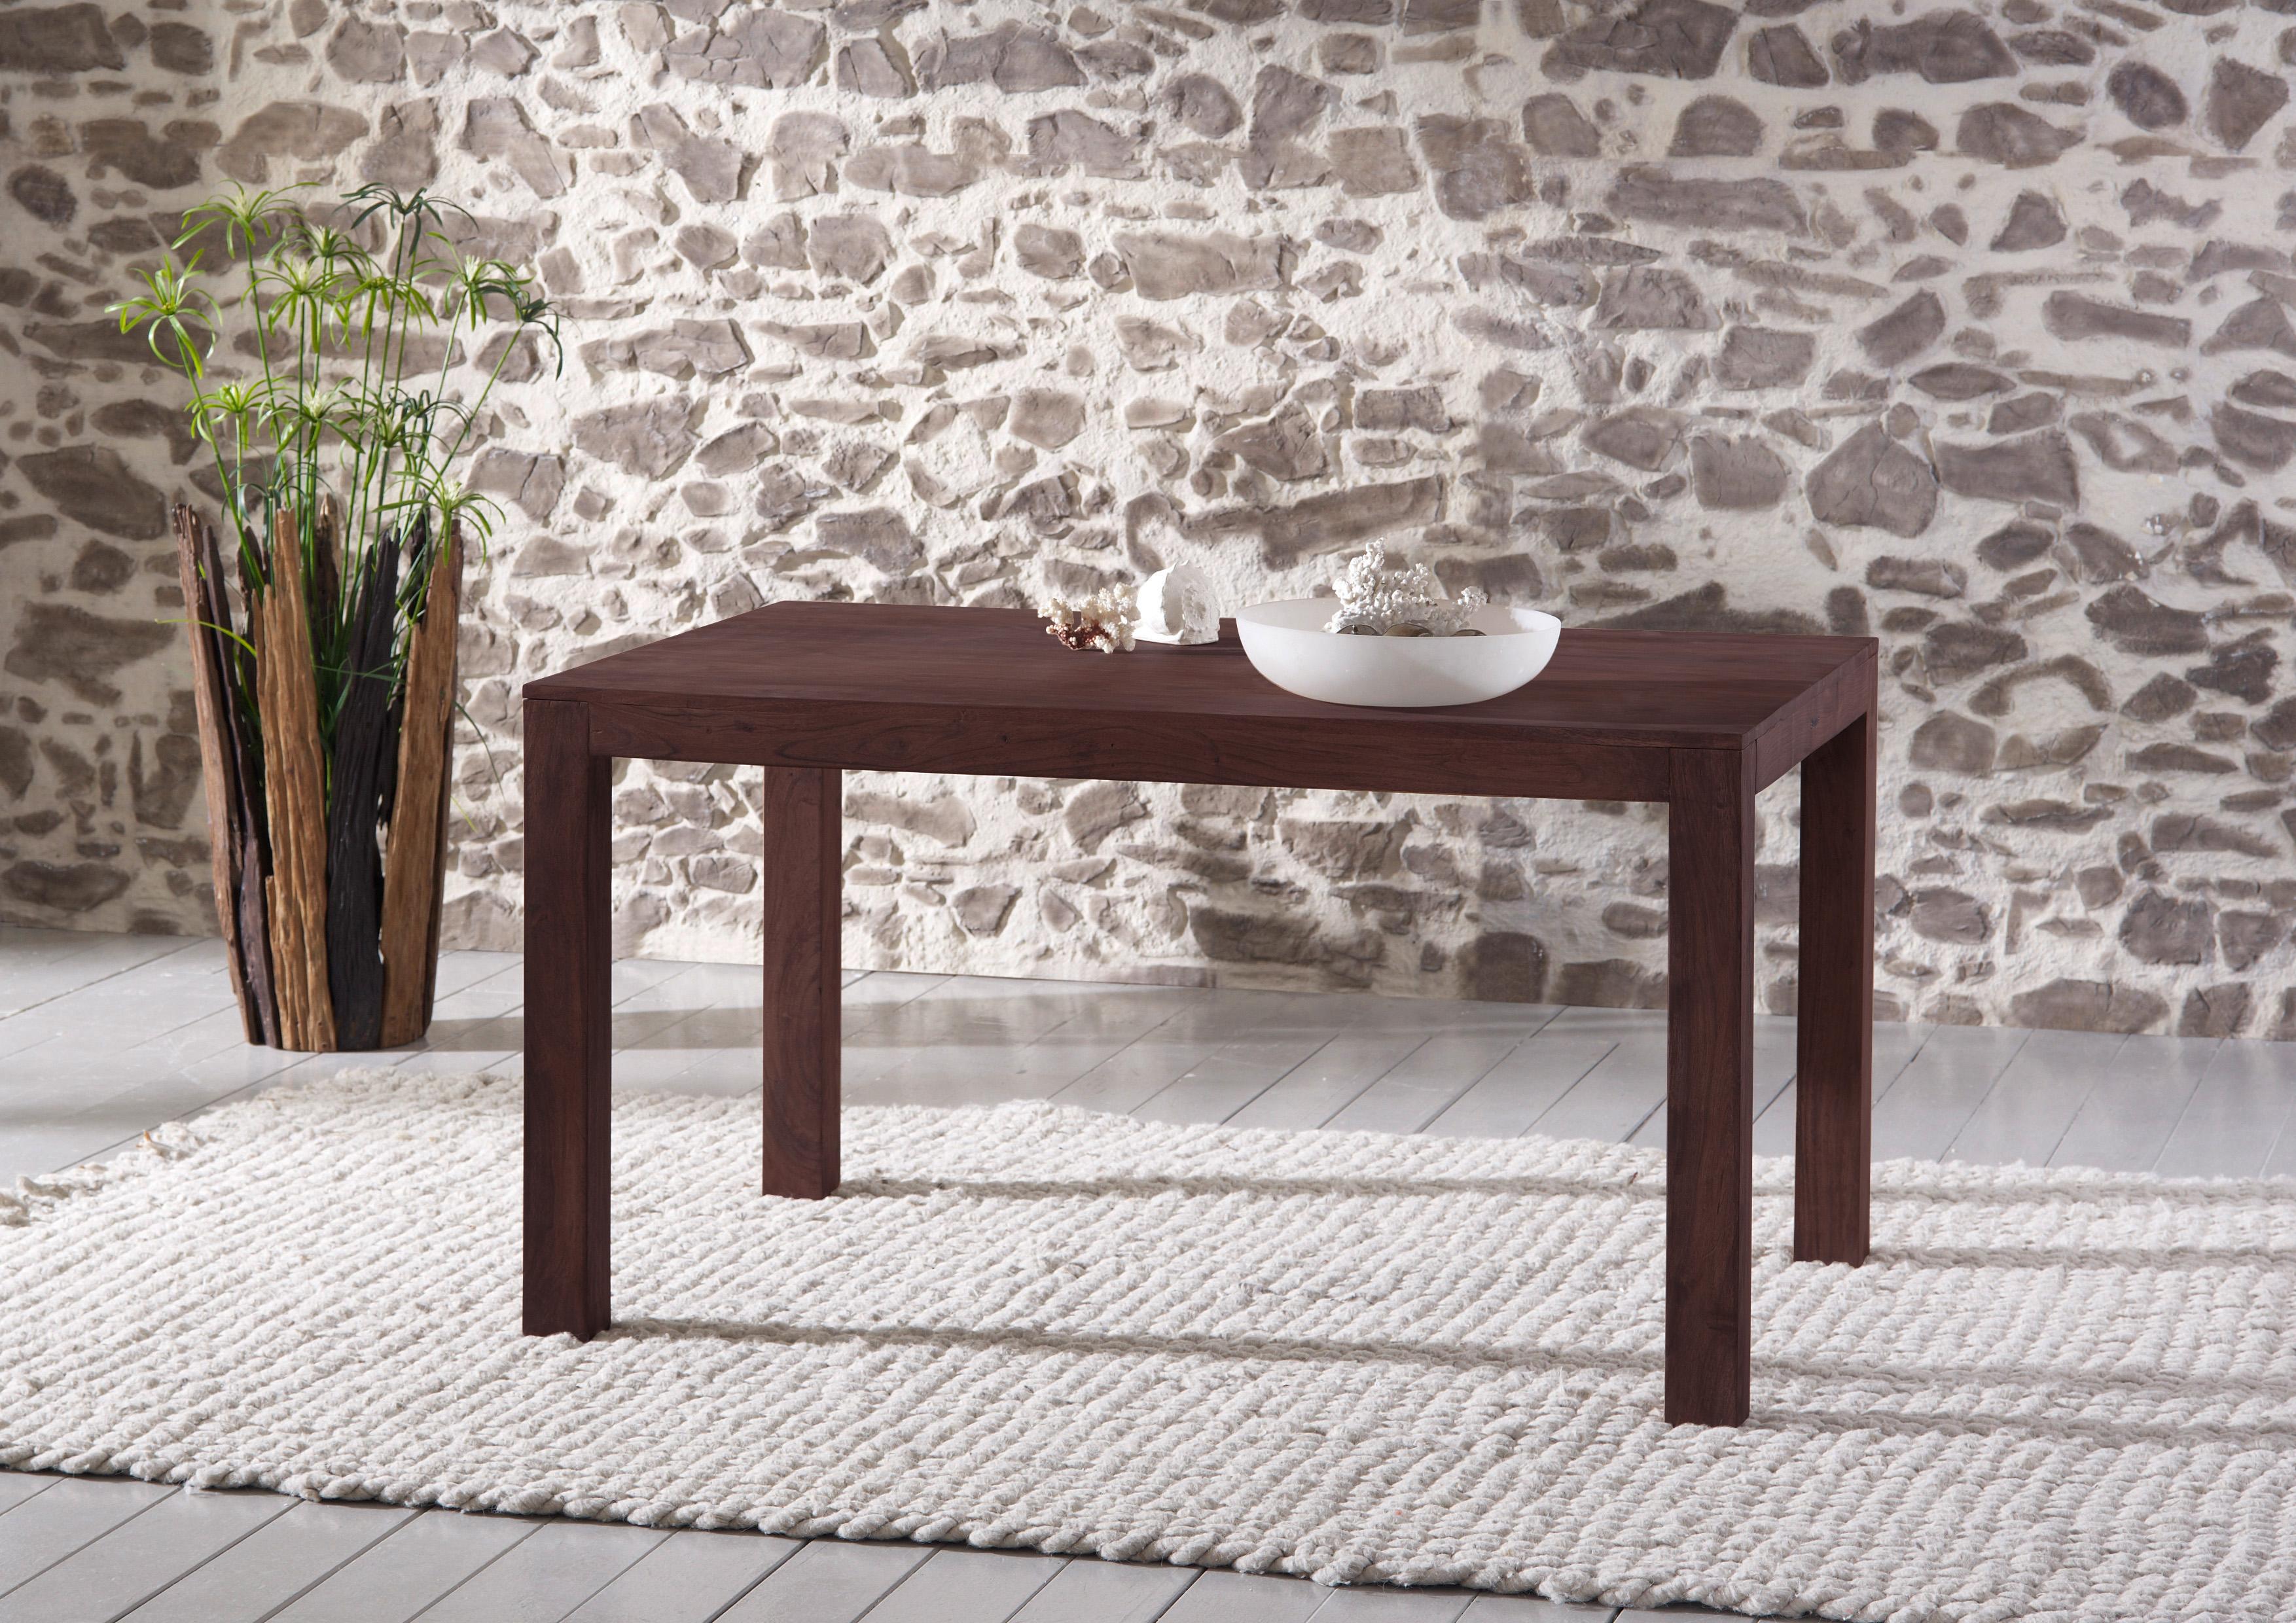 sam esstisch timber 6609 akazie massiv tabak 180 x 76 x 90 cm auf lager. Black Bedroom Furniture Sets. Home Design Ideas